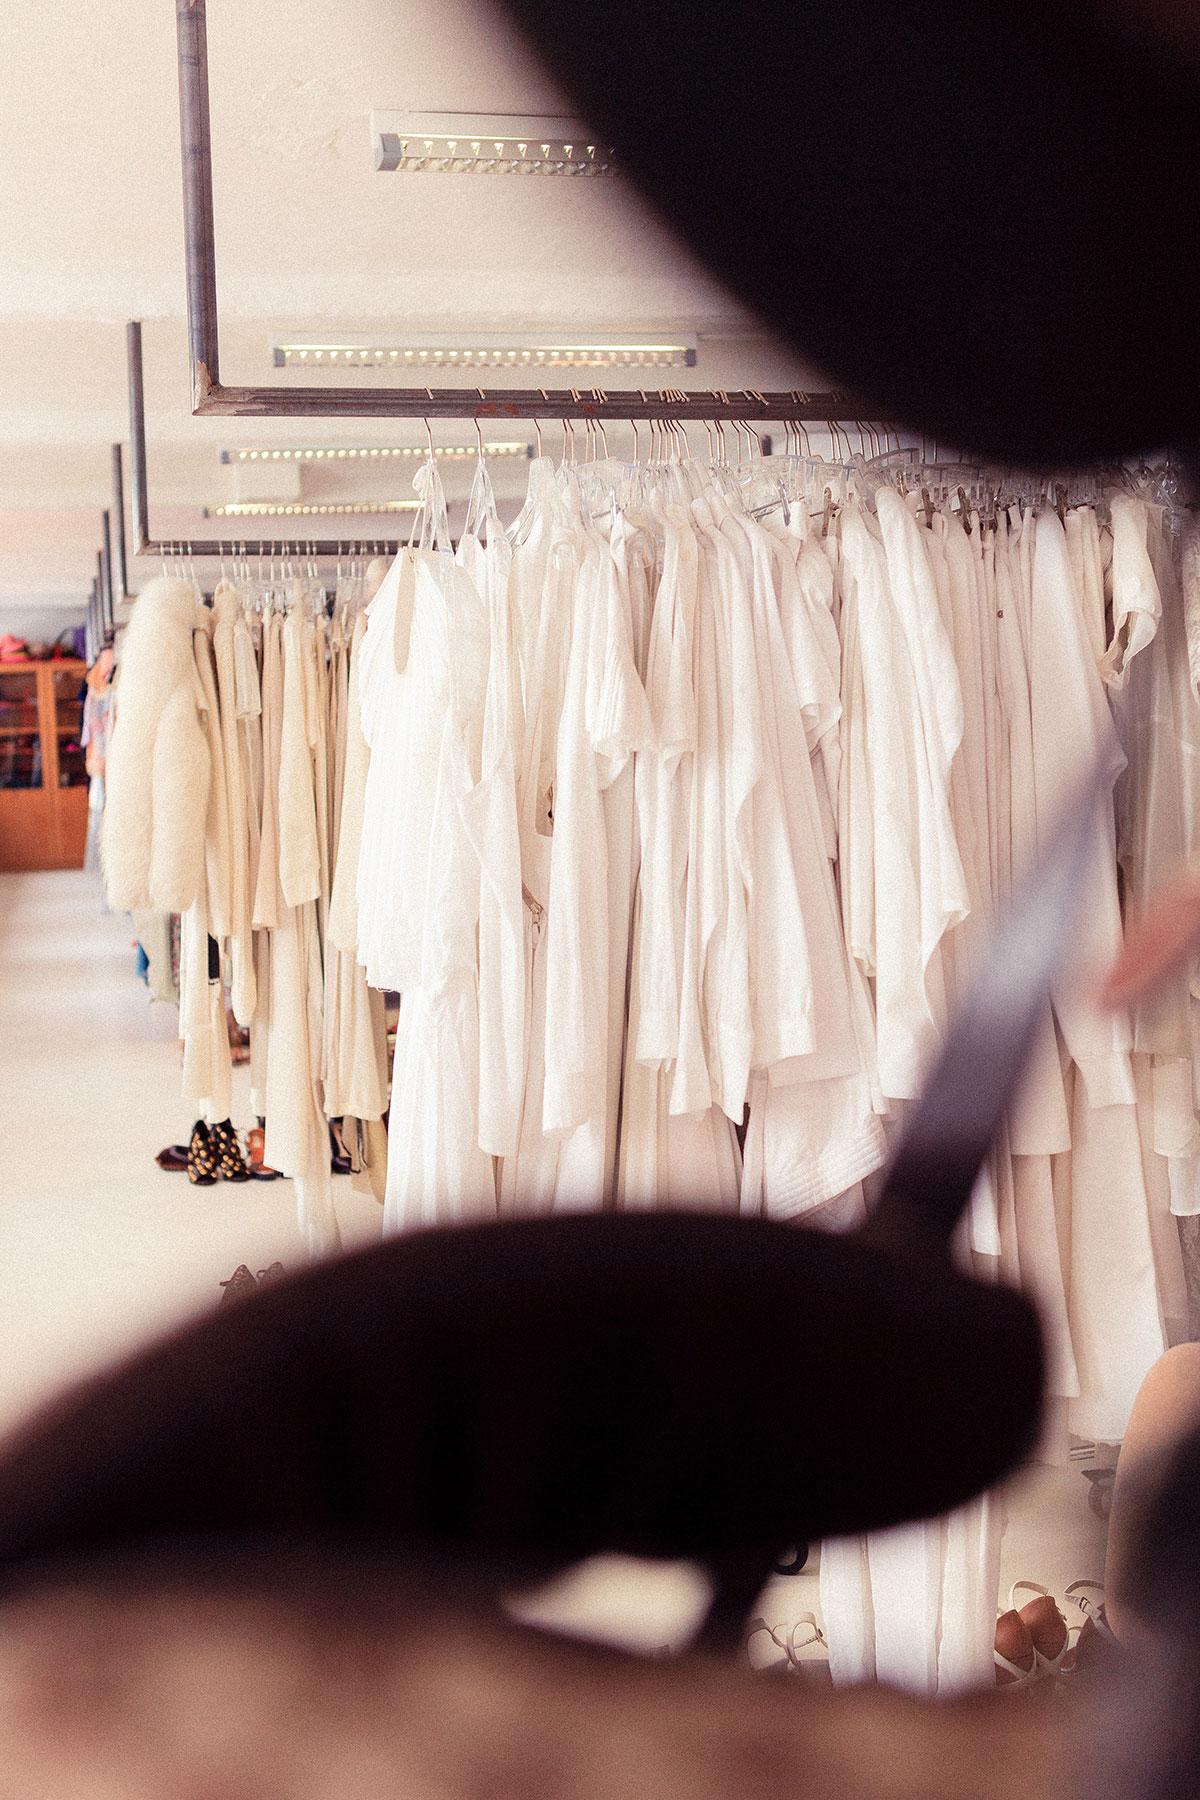 RAWfitting - Fundus und Mode-Verleih für Styling und Fotografie bei Werbe- und Modeproduktionen in Hamburg